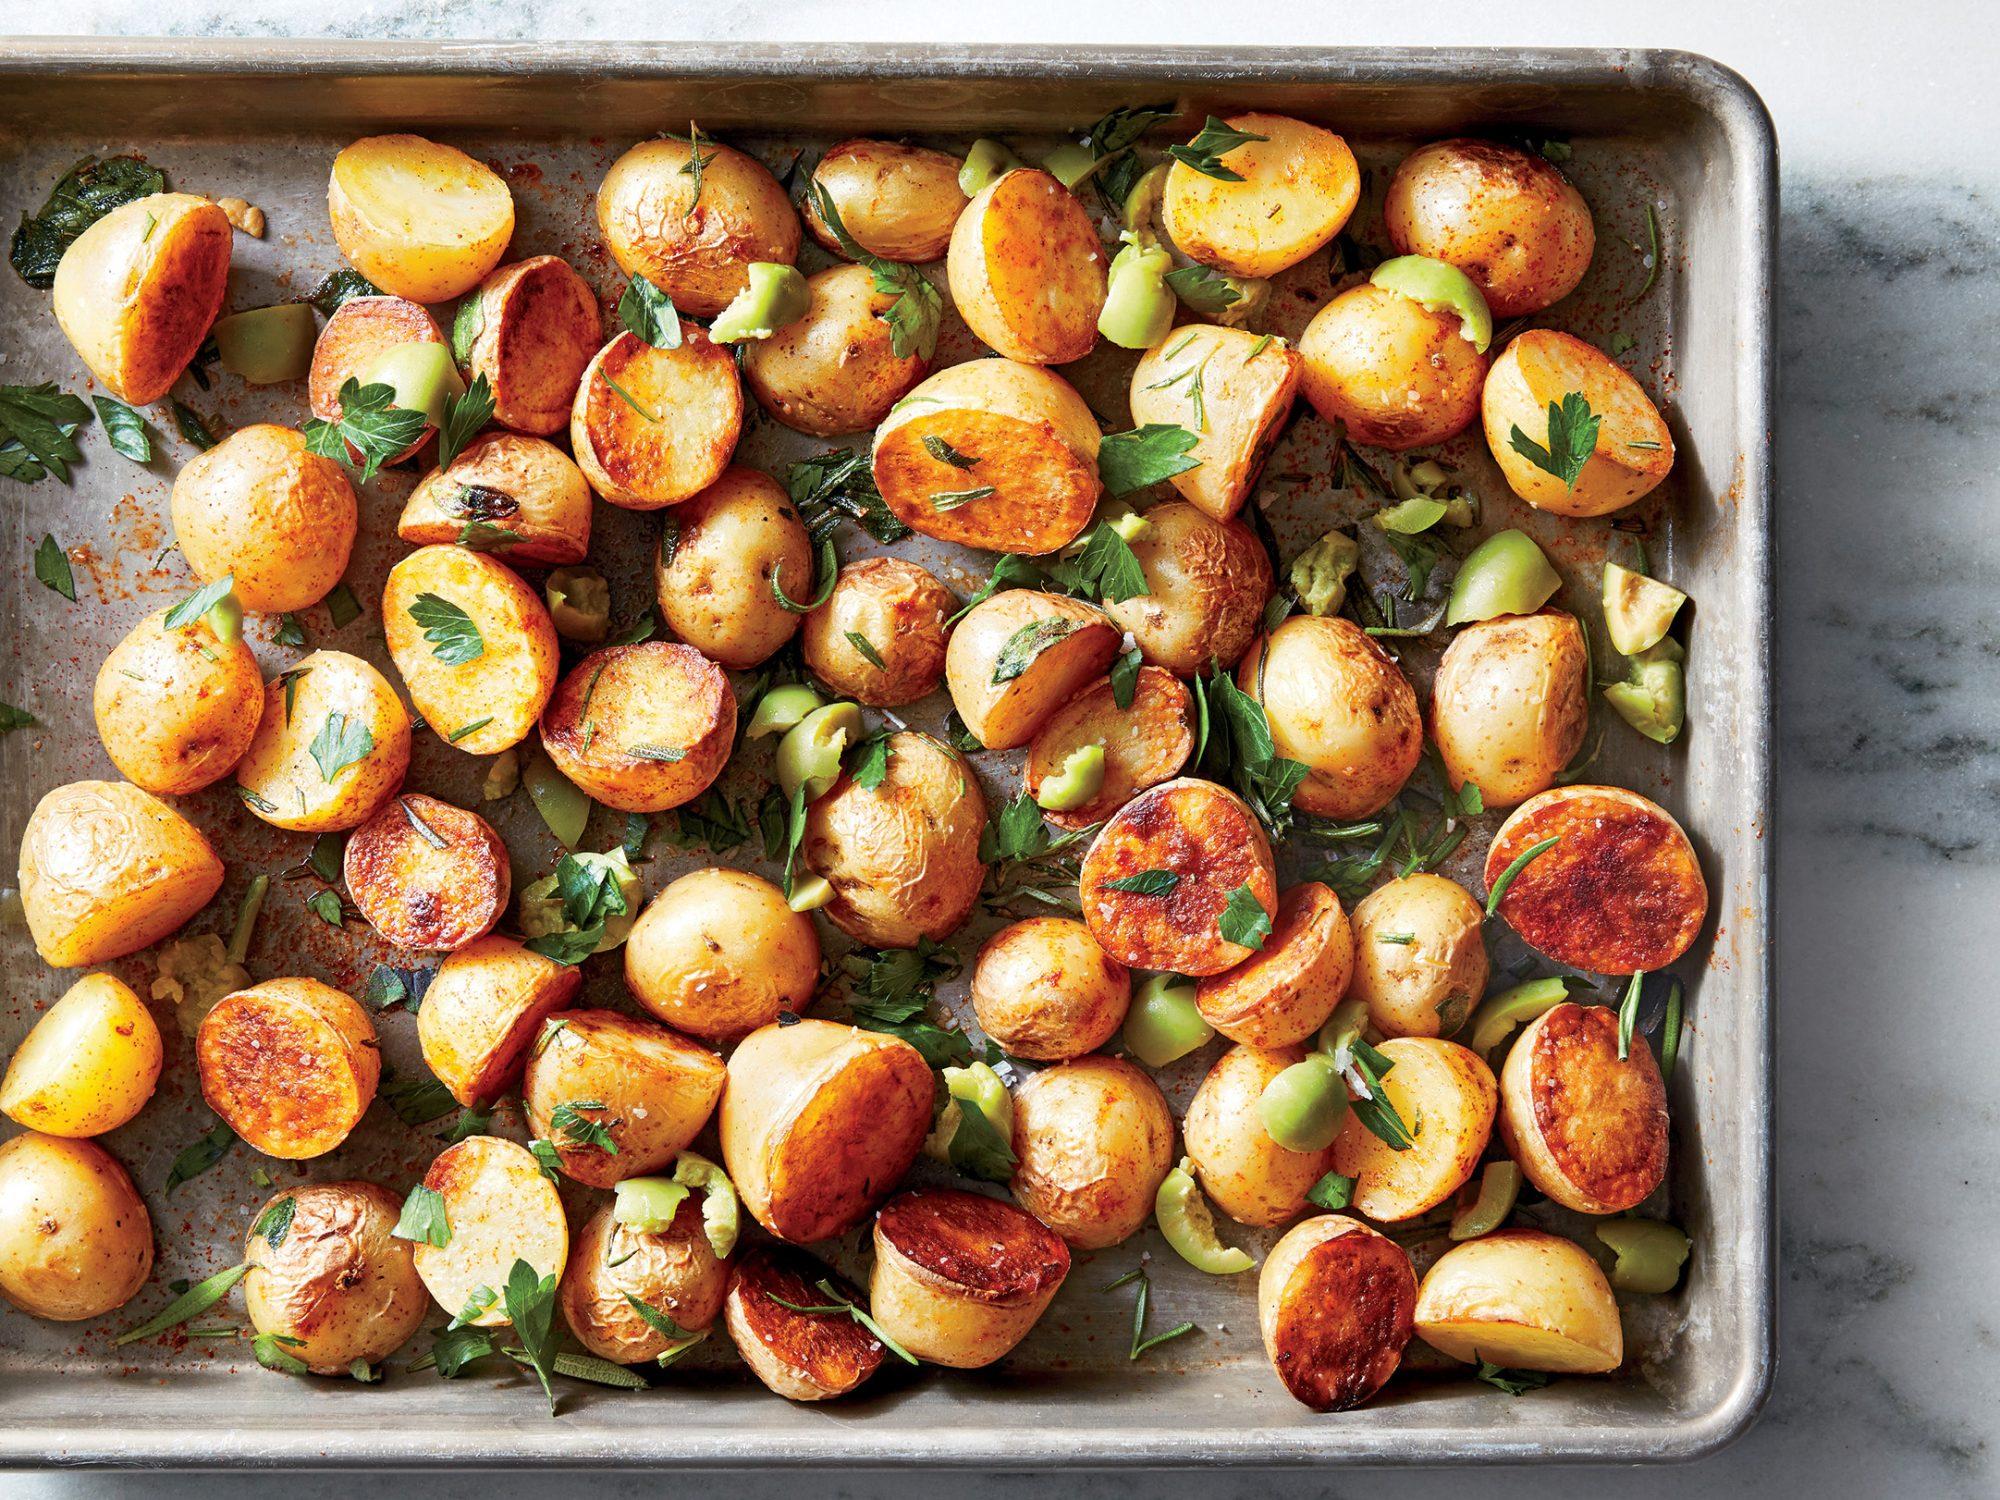 Spanish-Style Roasted Potatoes